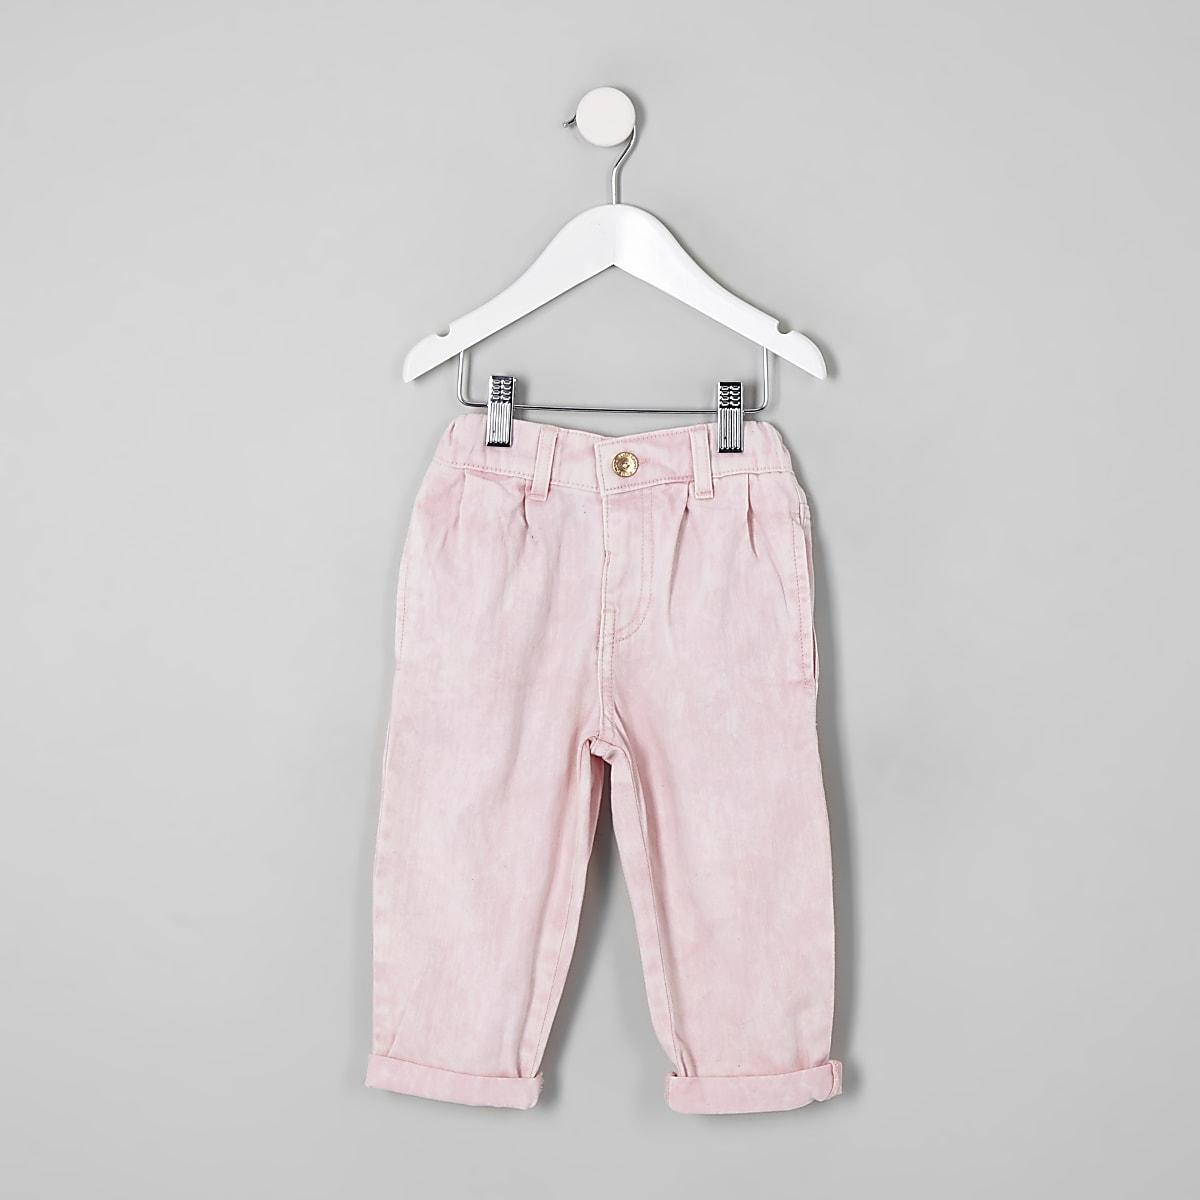 Mini - Roze mom-fit jeans voor meisjes